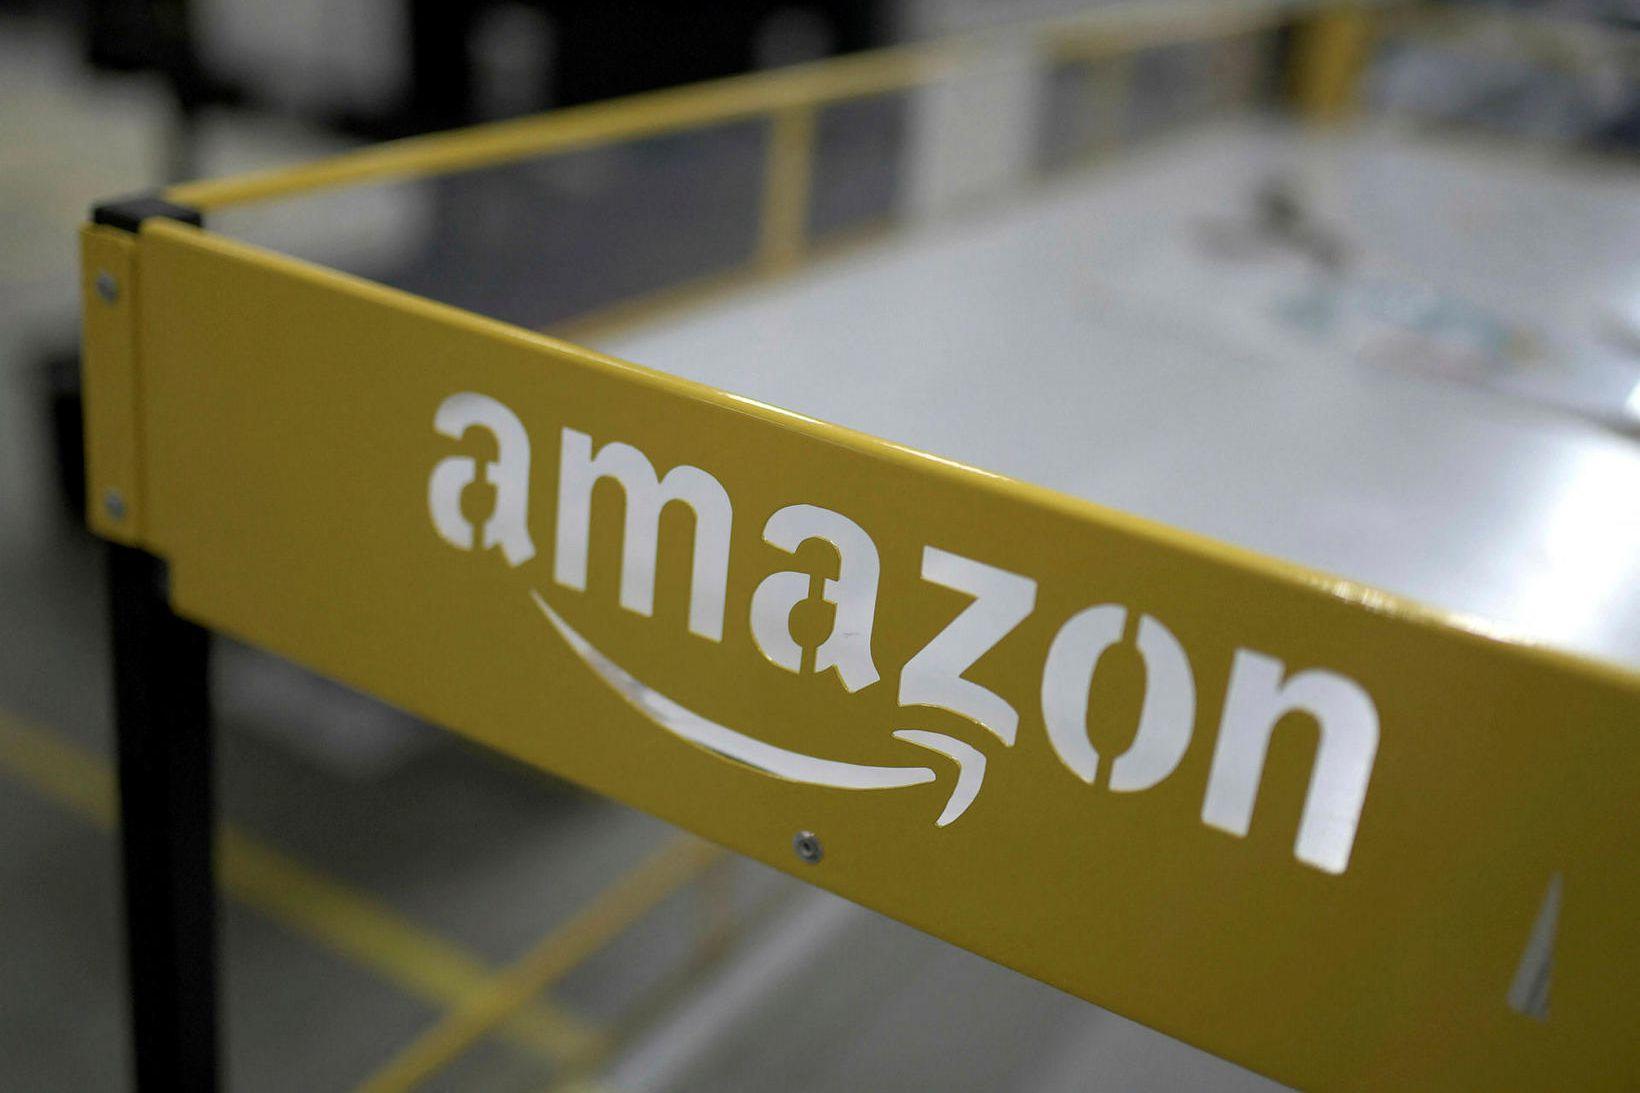 Amazon segist ósammála niðurstöðunni.